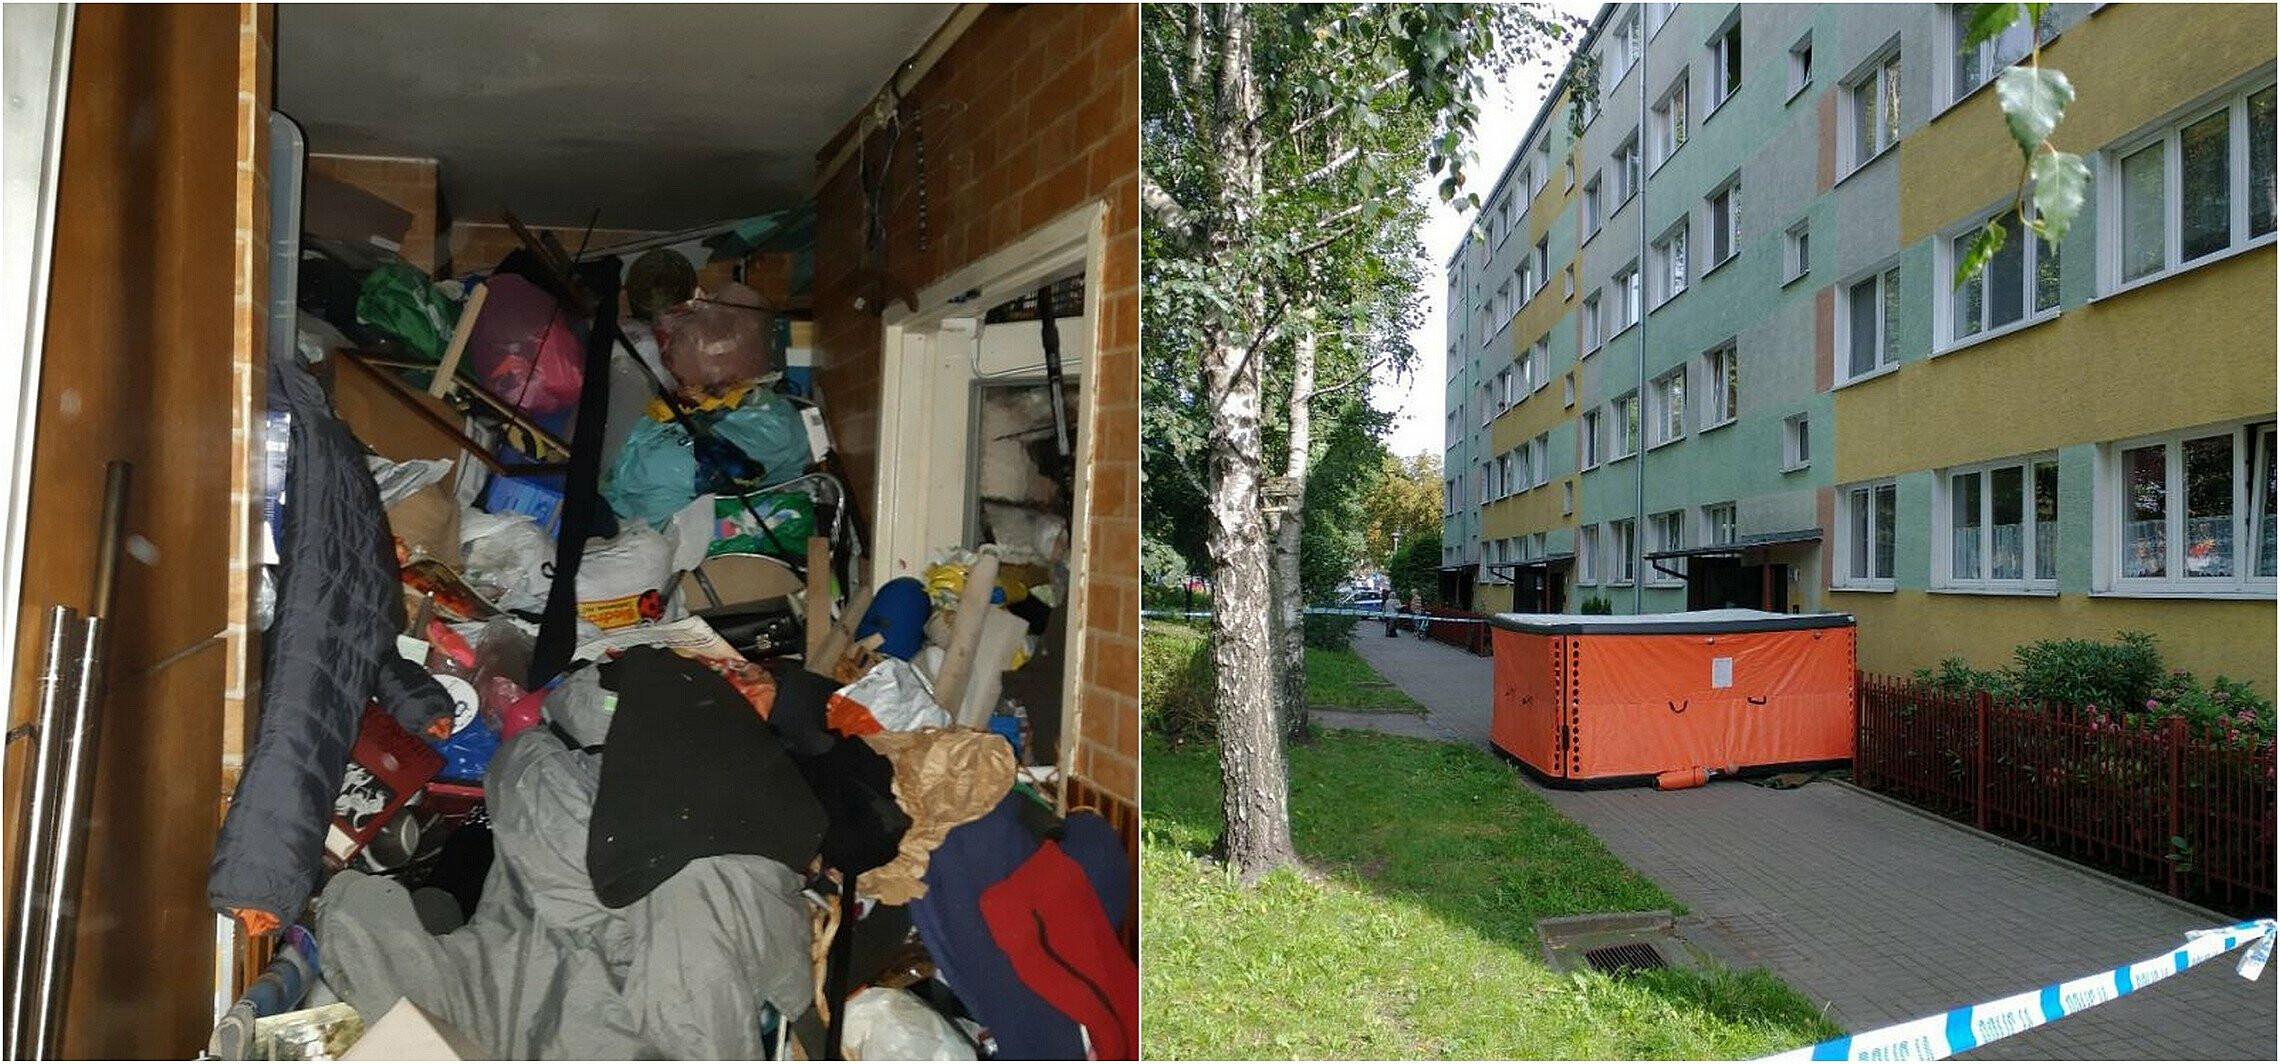 Inowrocław - Akcja służb na Toruńskiej. Policjant trafił do szpitala